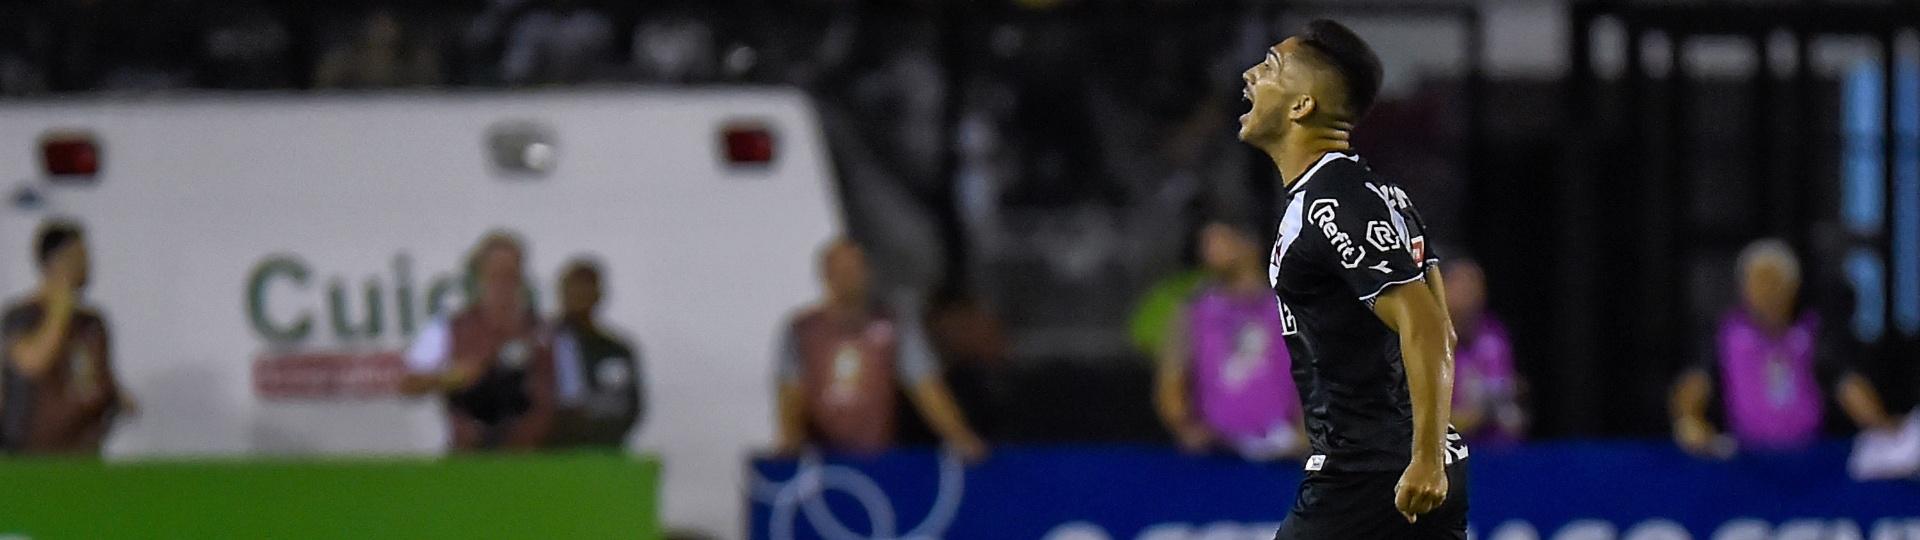 Andrey comemora gol do Vasco sobre o São Paulo